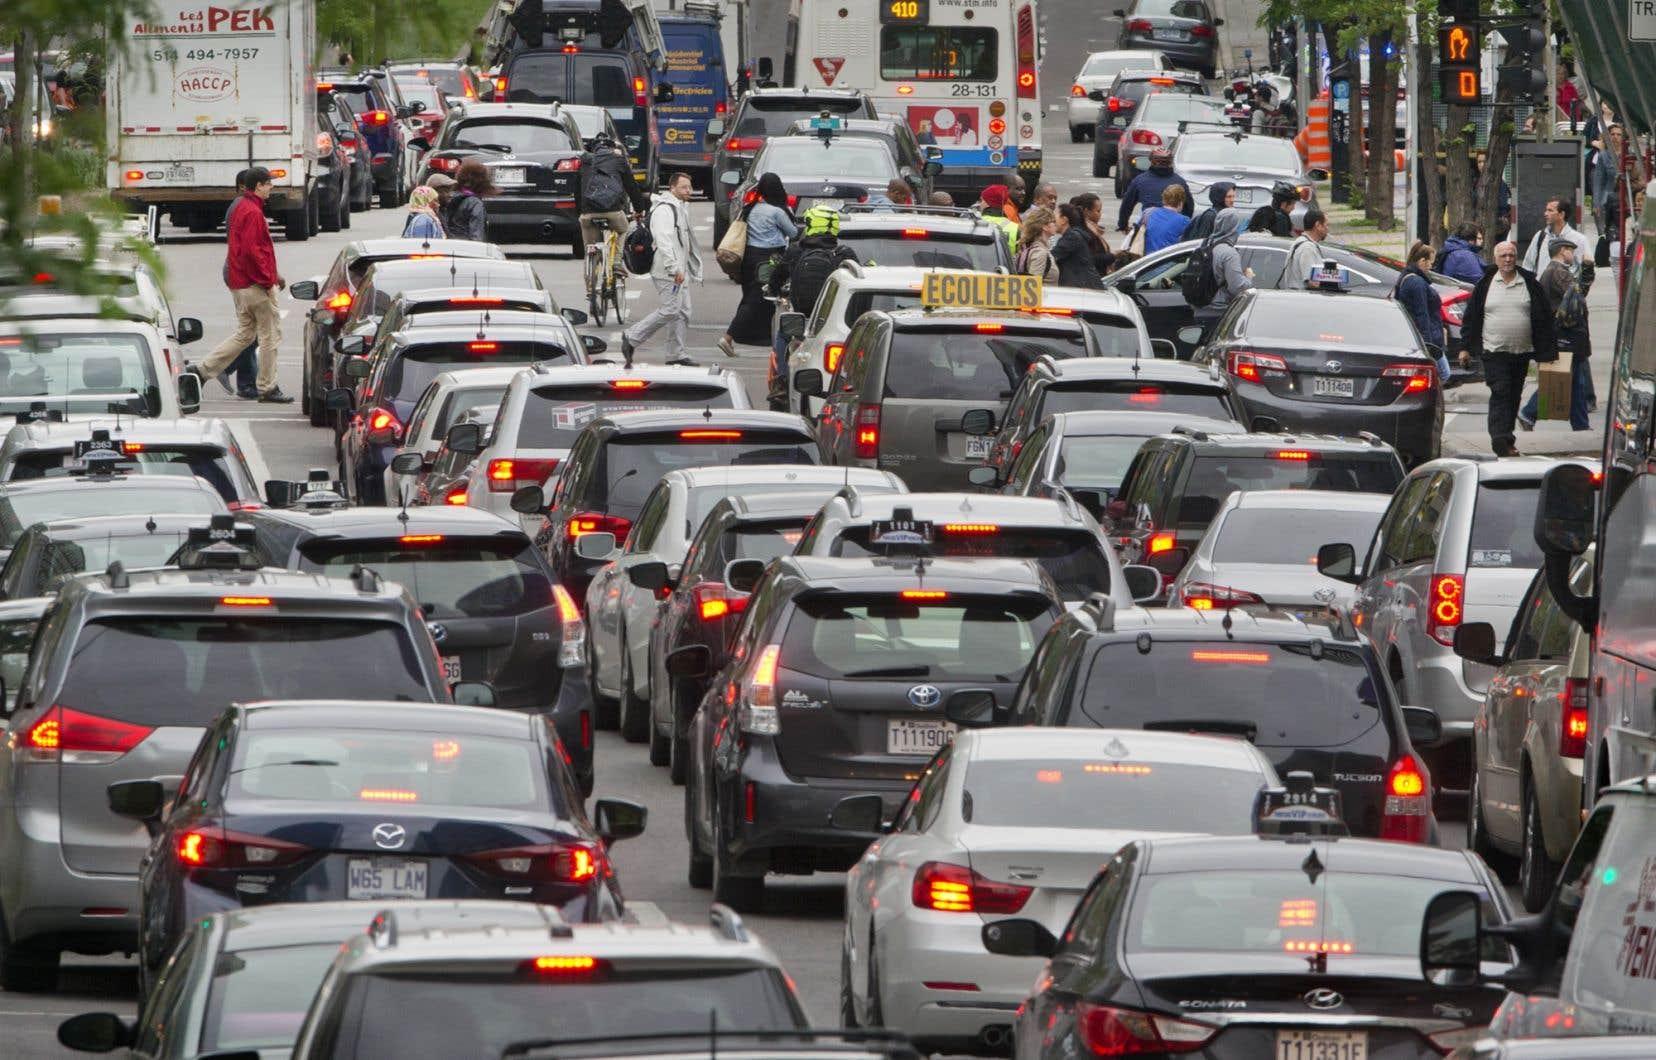 Le chef péquiste, Jean-François Lisée,espère «retirer 150000 véhicules des routes du Québec à l'heure de pointe».